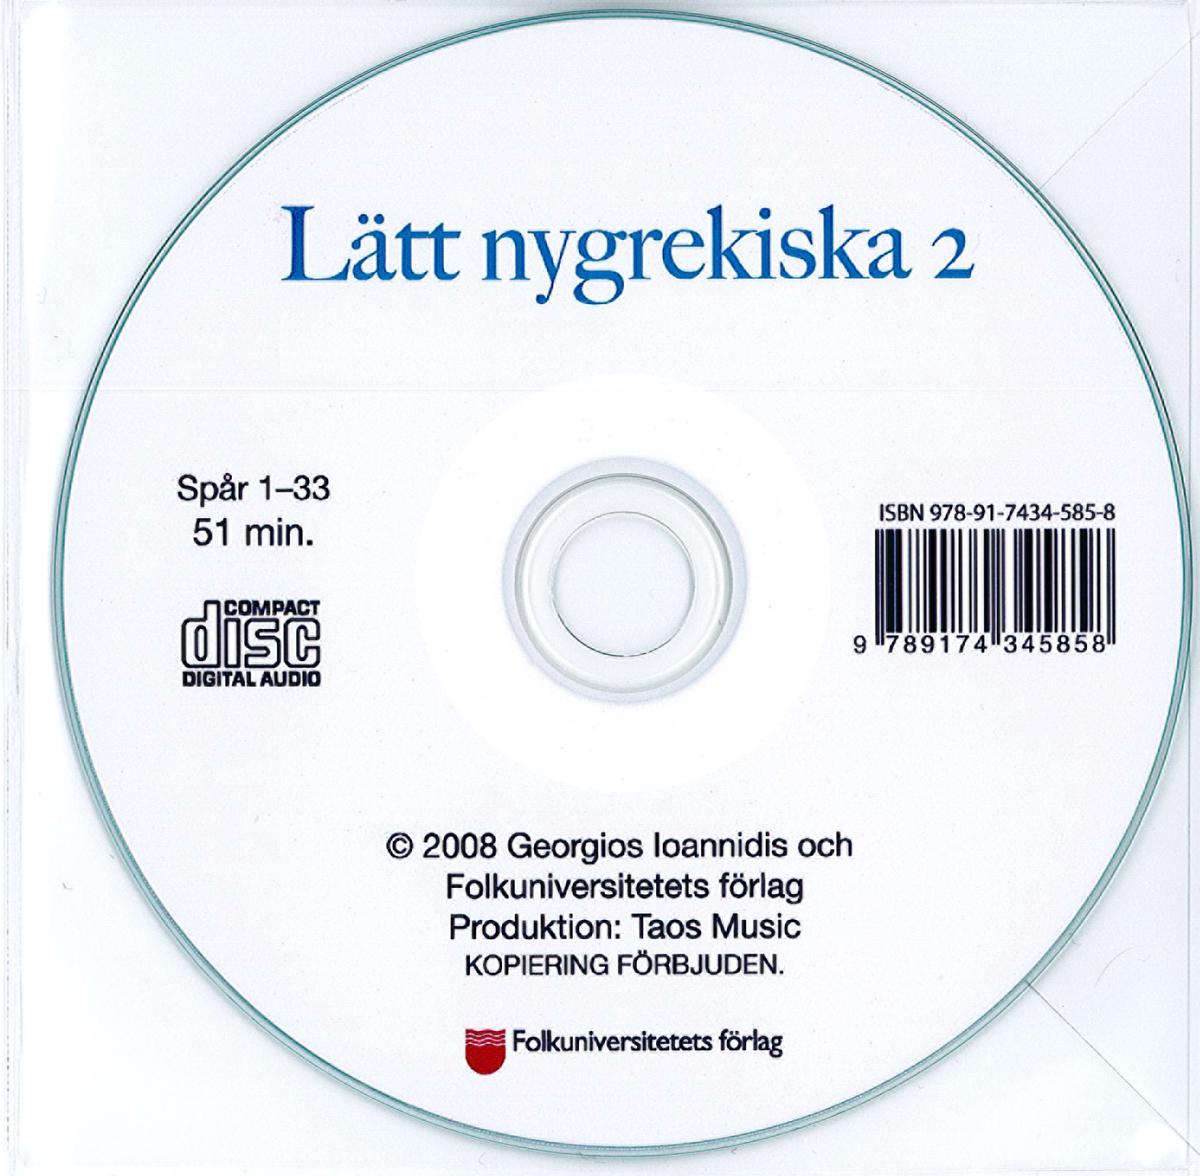 Lätt nygrekiska 2 cd